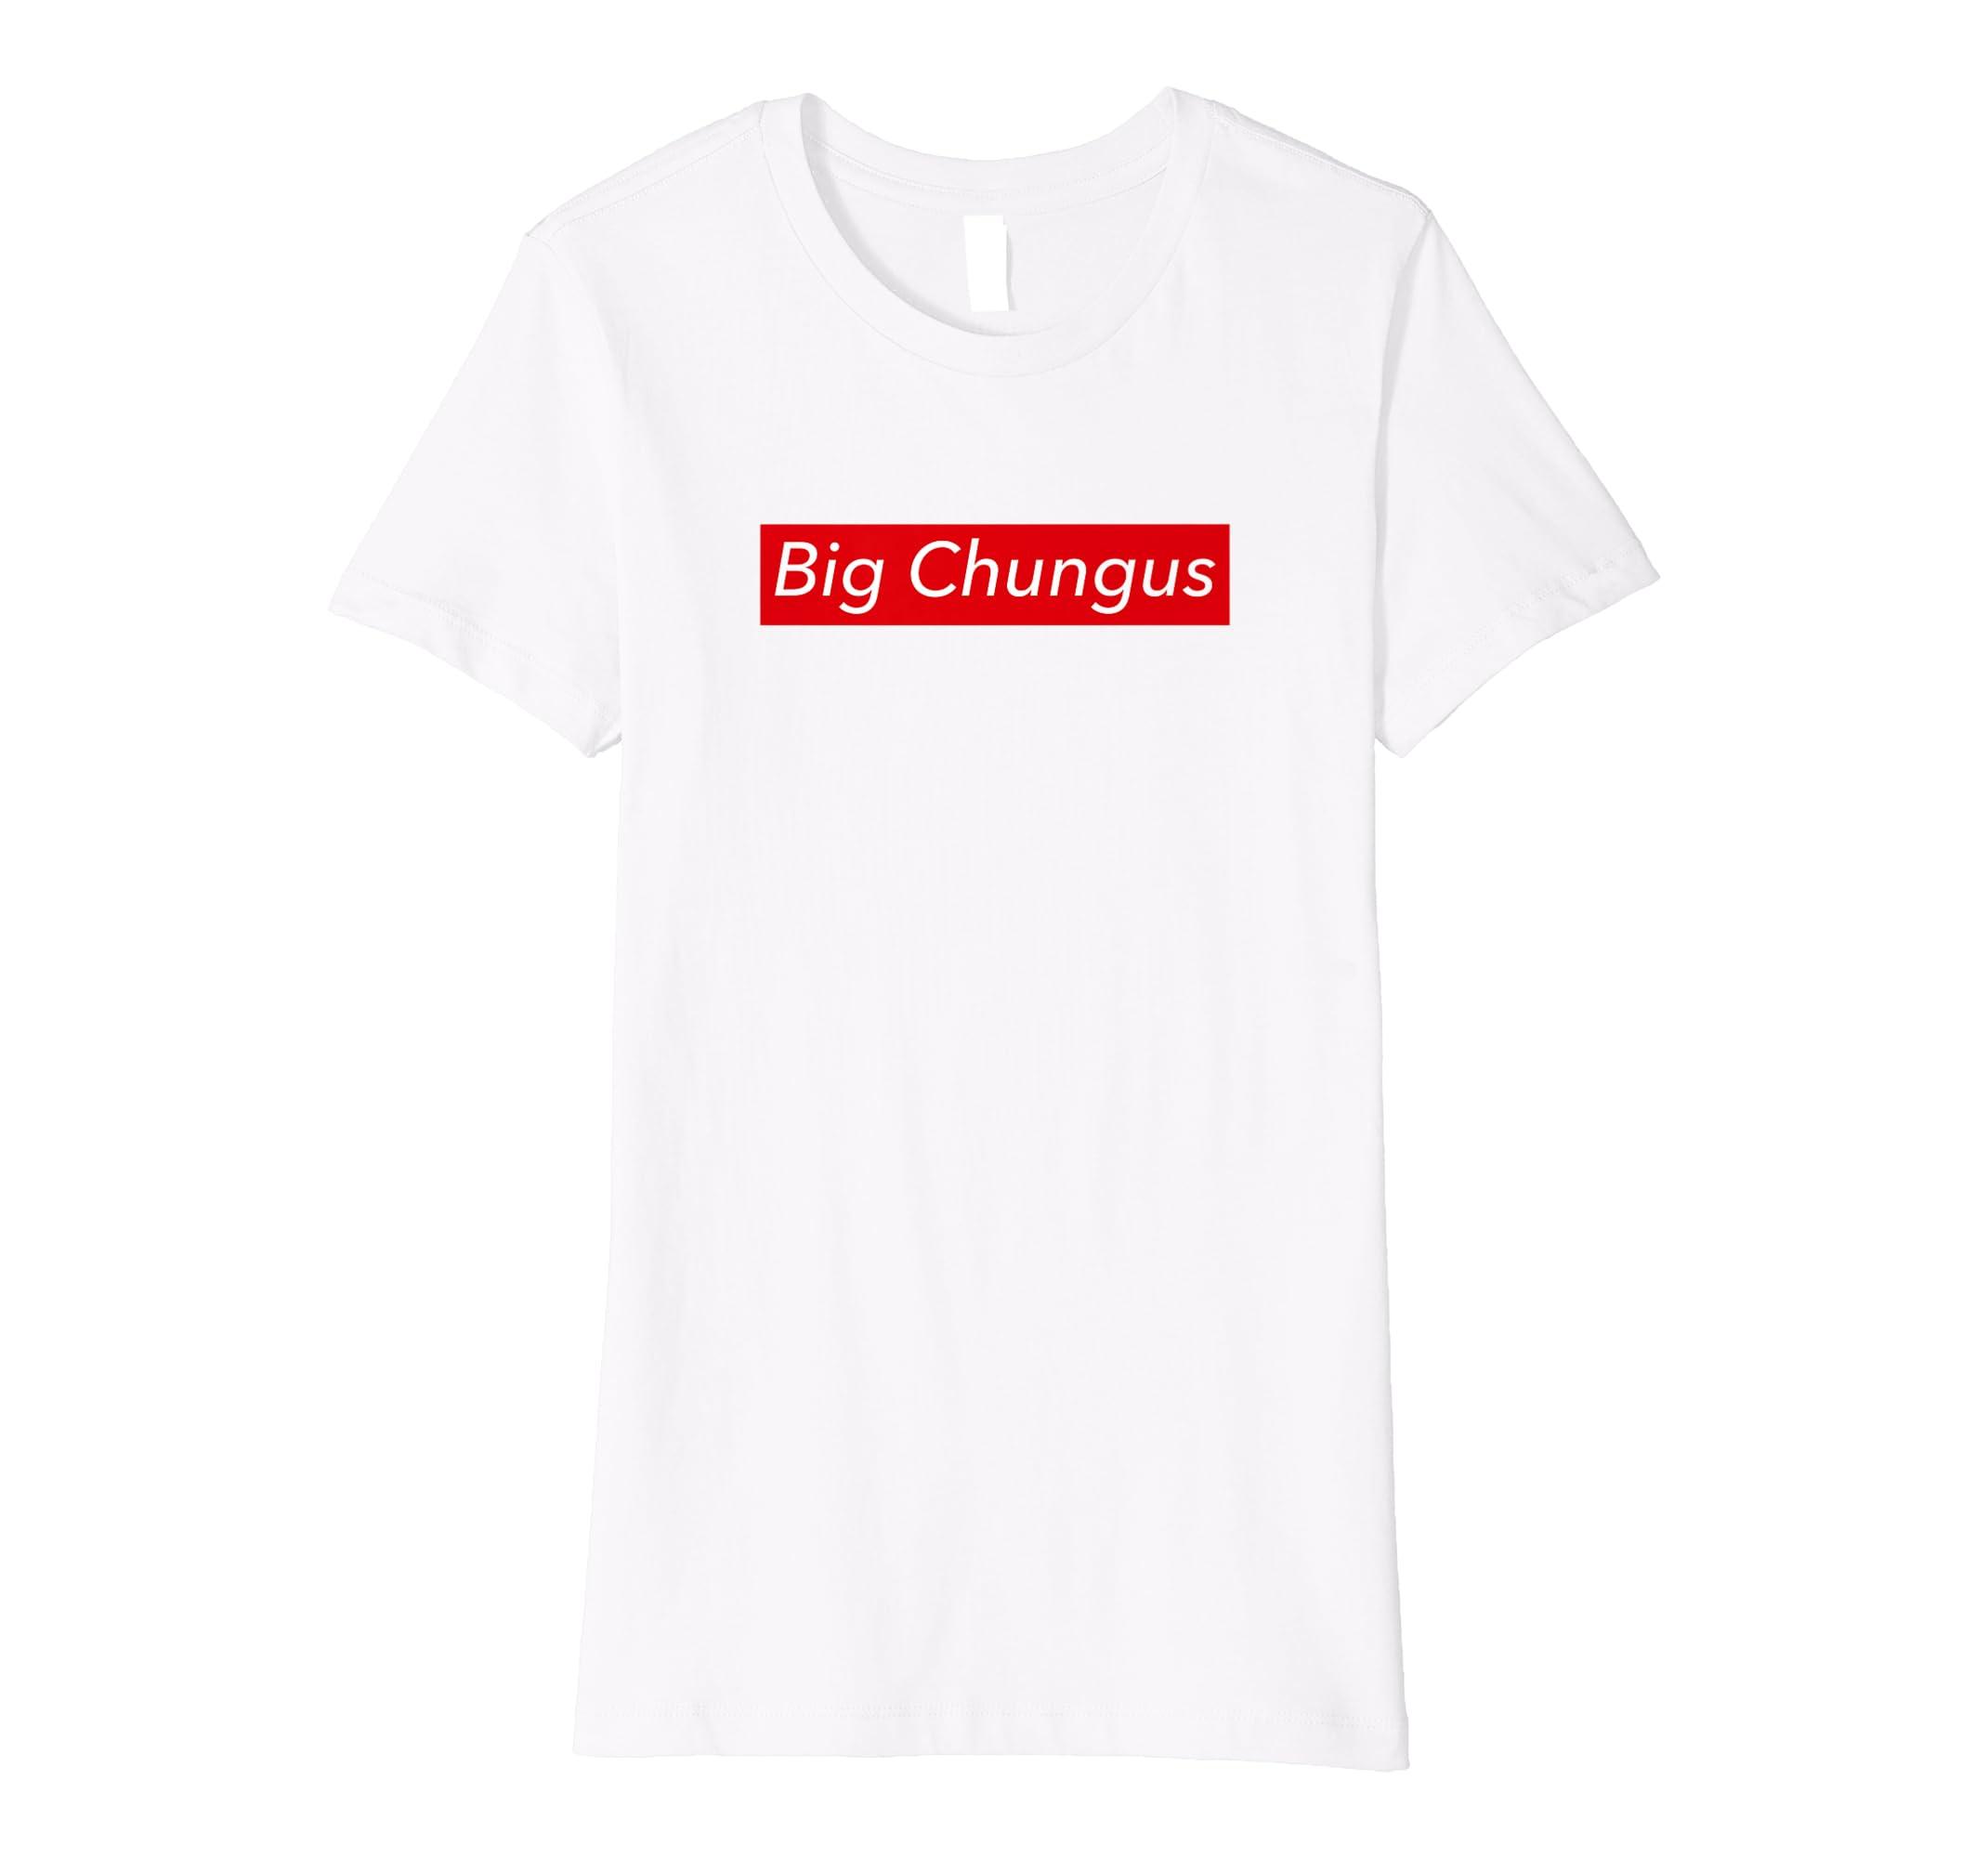 Big Chungus Tshirt Chungus Meme Shirt Amazon De Bekleidung